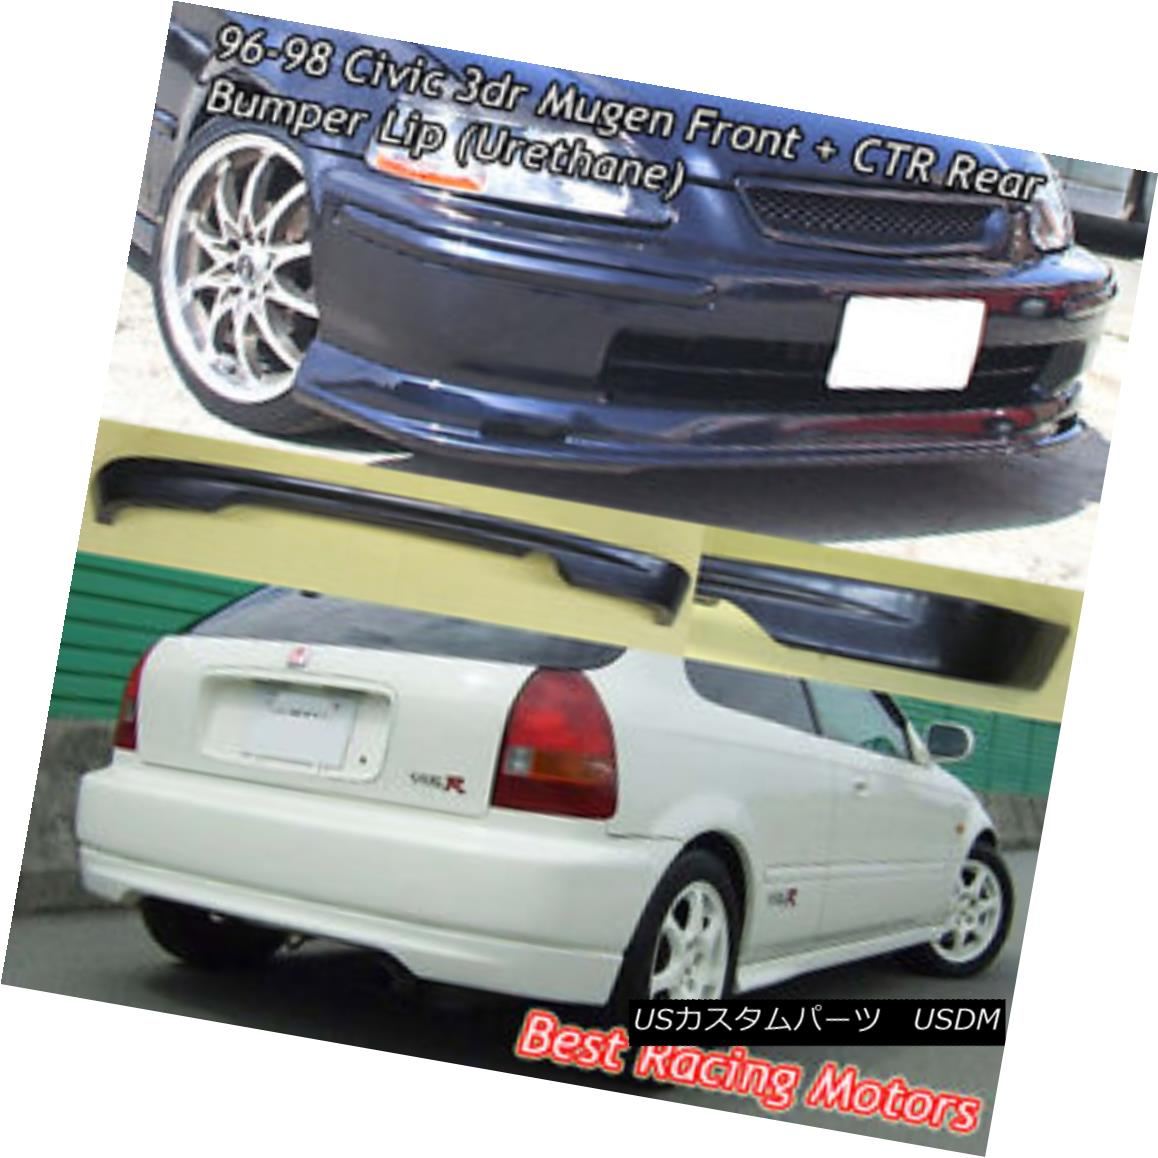 エアロパーツ Mu-gen Style Front + CTR Rear Bumper Lip (Urethane) Fit 96-98 Honda Civic 3dr Mu-genスタイルフロント+ CTRリアバンパーリップ(ウレタン)フィット96-98 Honda Civic 3dr